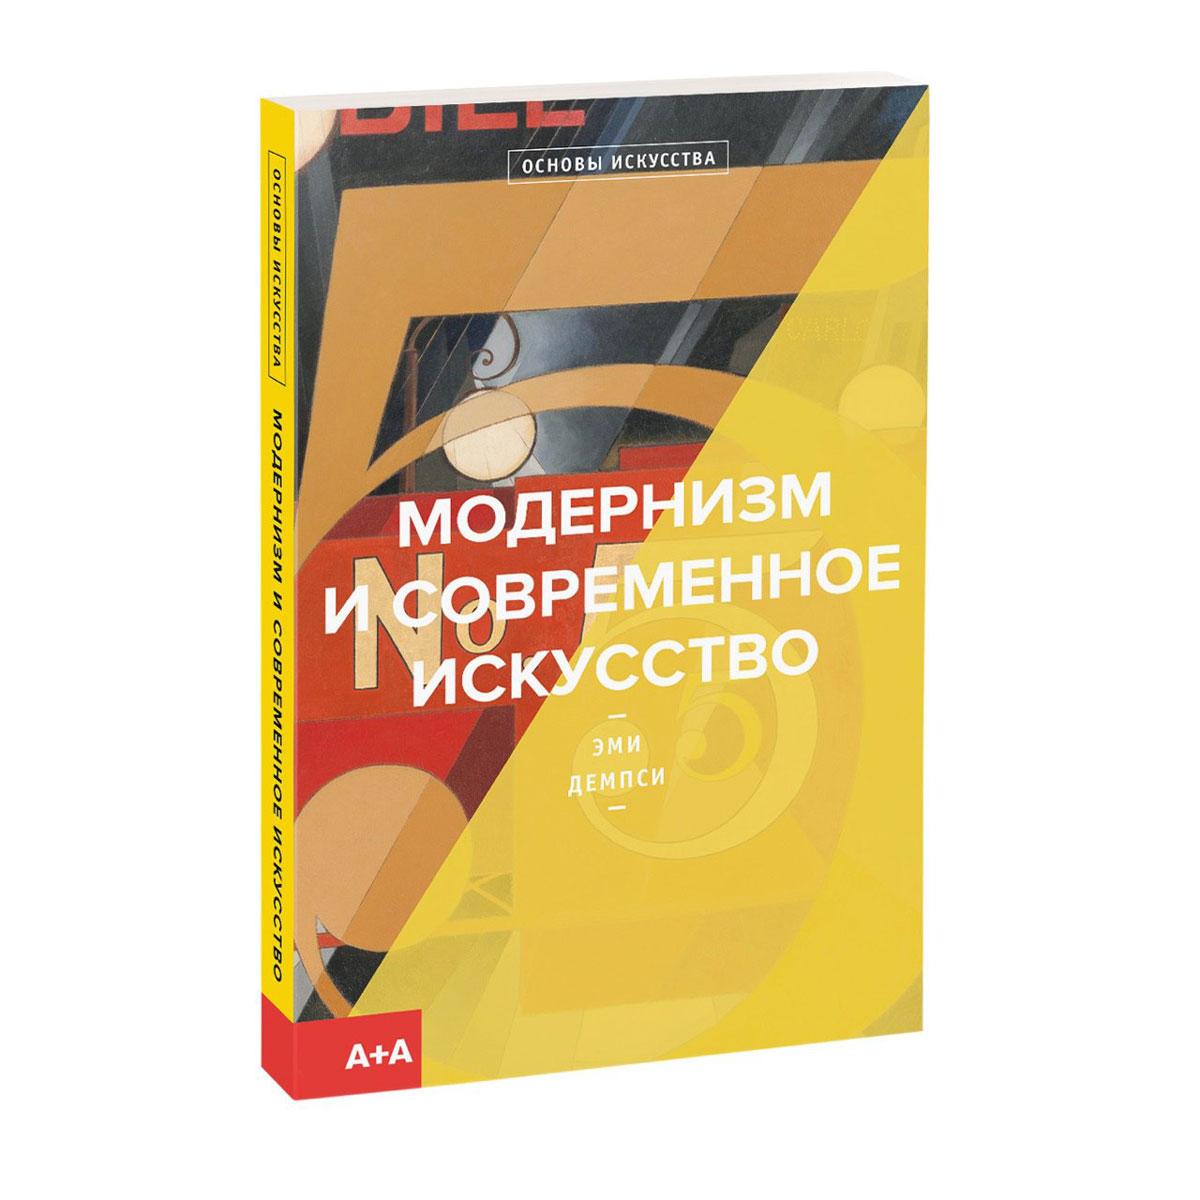 Эми Демпси Модернизм и современное искусство ISBN: 978-5-91103-404-7